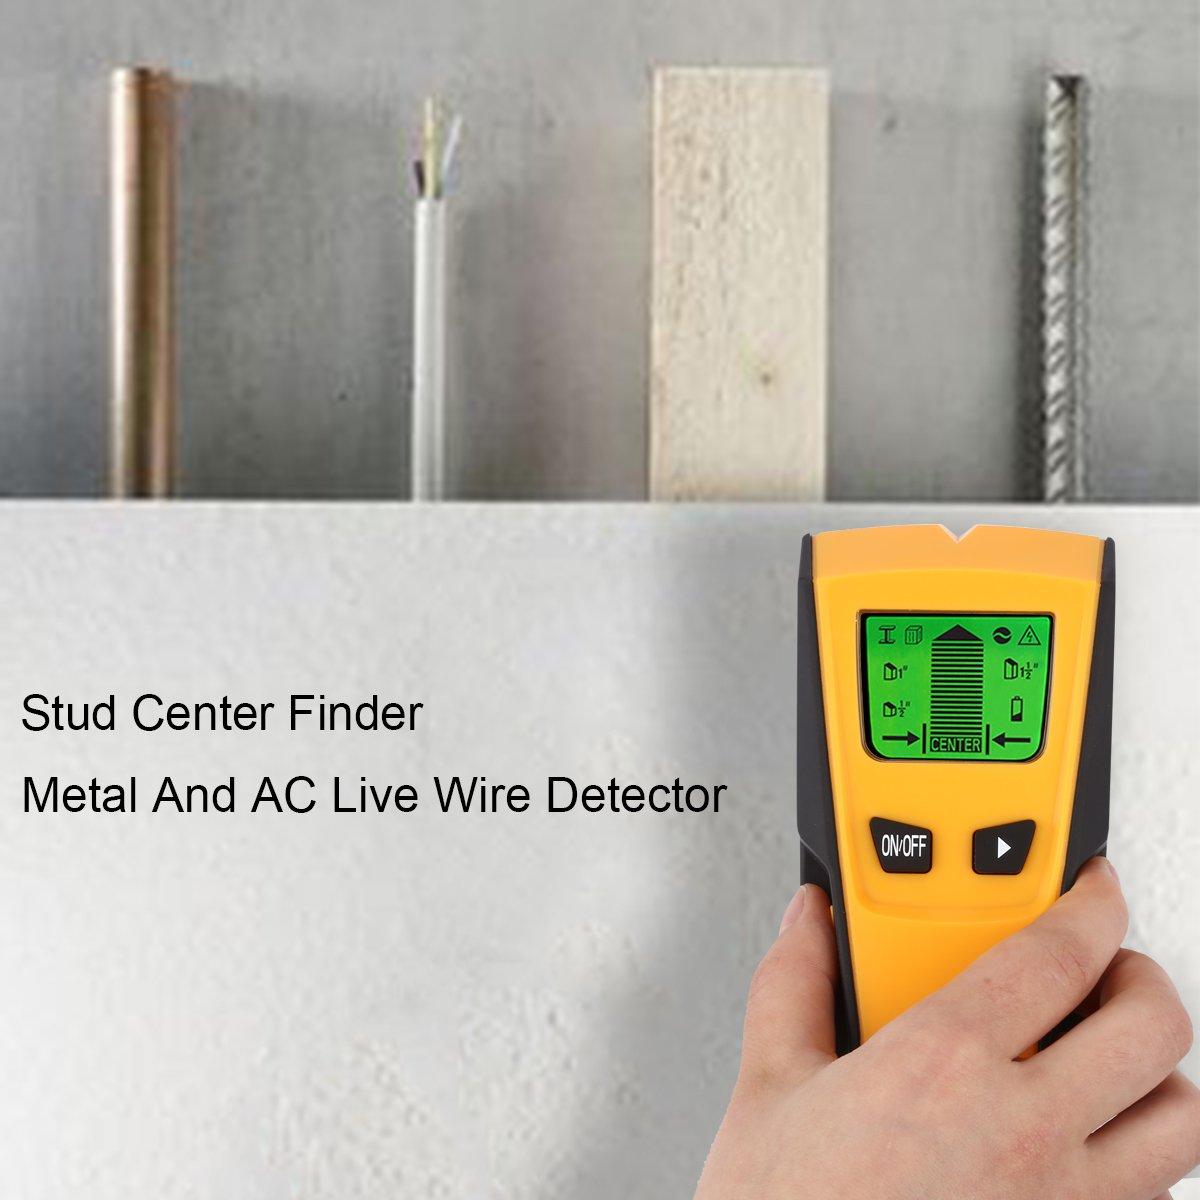 Floureon TH-210 - 3 en 1 Detector Pared de metal, perno prisionero y cable AC de alta tensón: Amazon.es: Bricolaje y herramientas